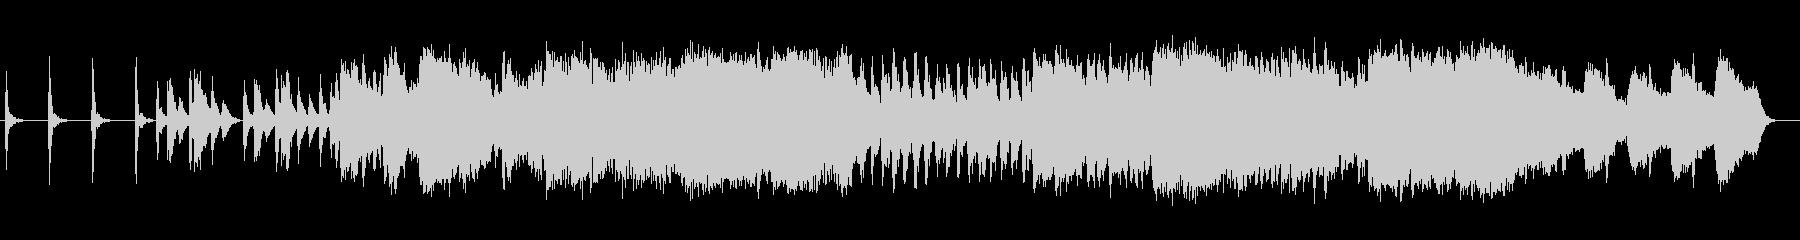 切ない和風シンセサイザーサウンドの未再生の波形